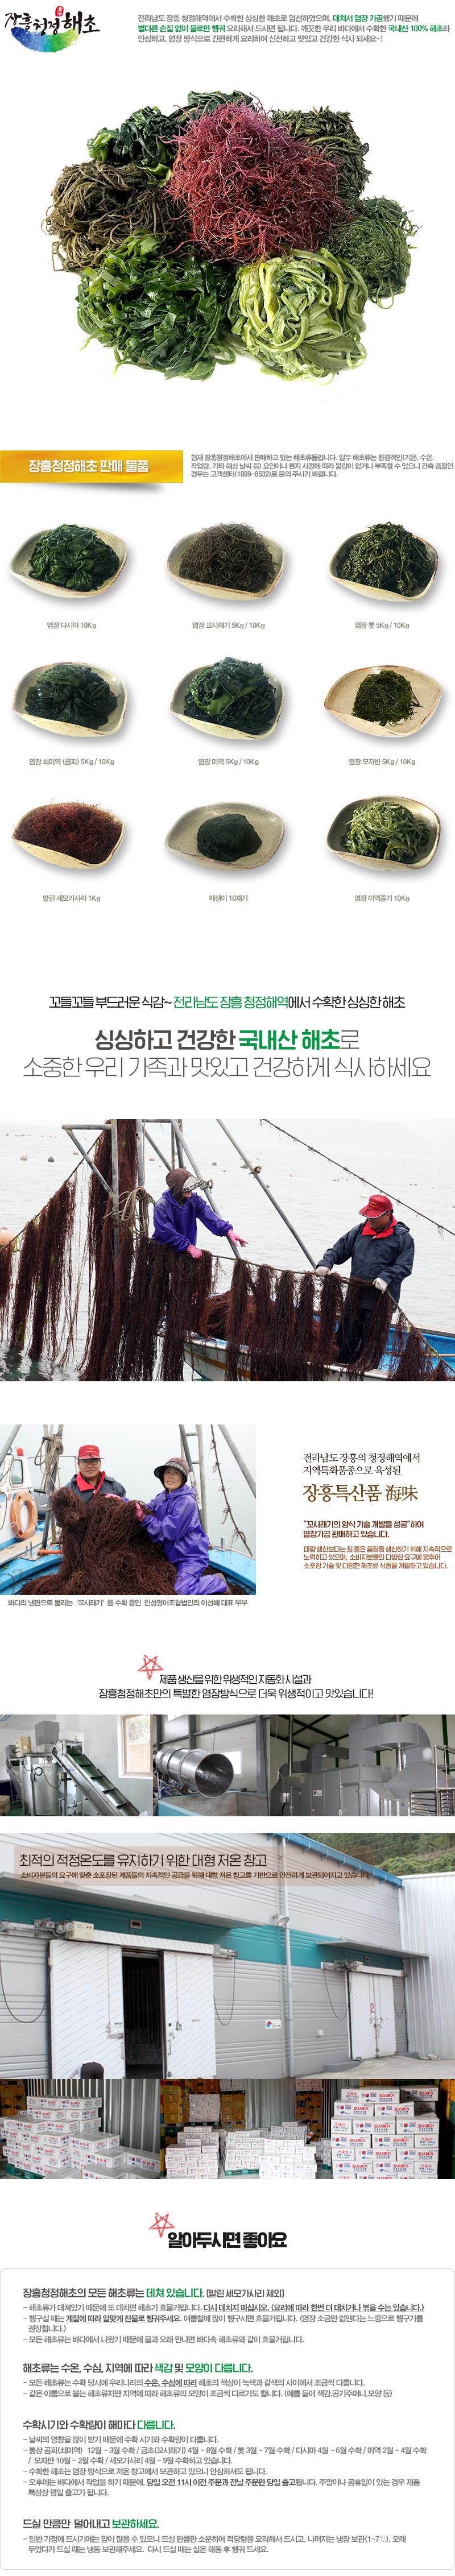 [장흥청정해초] 염장 톳 10kg